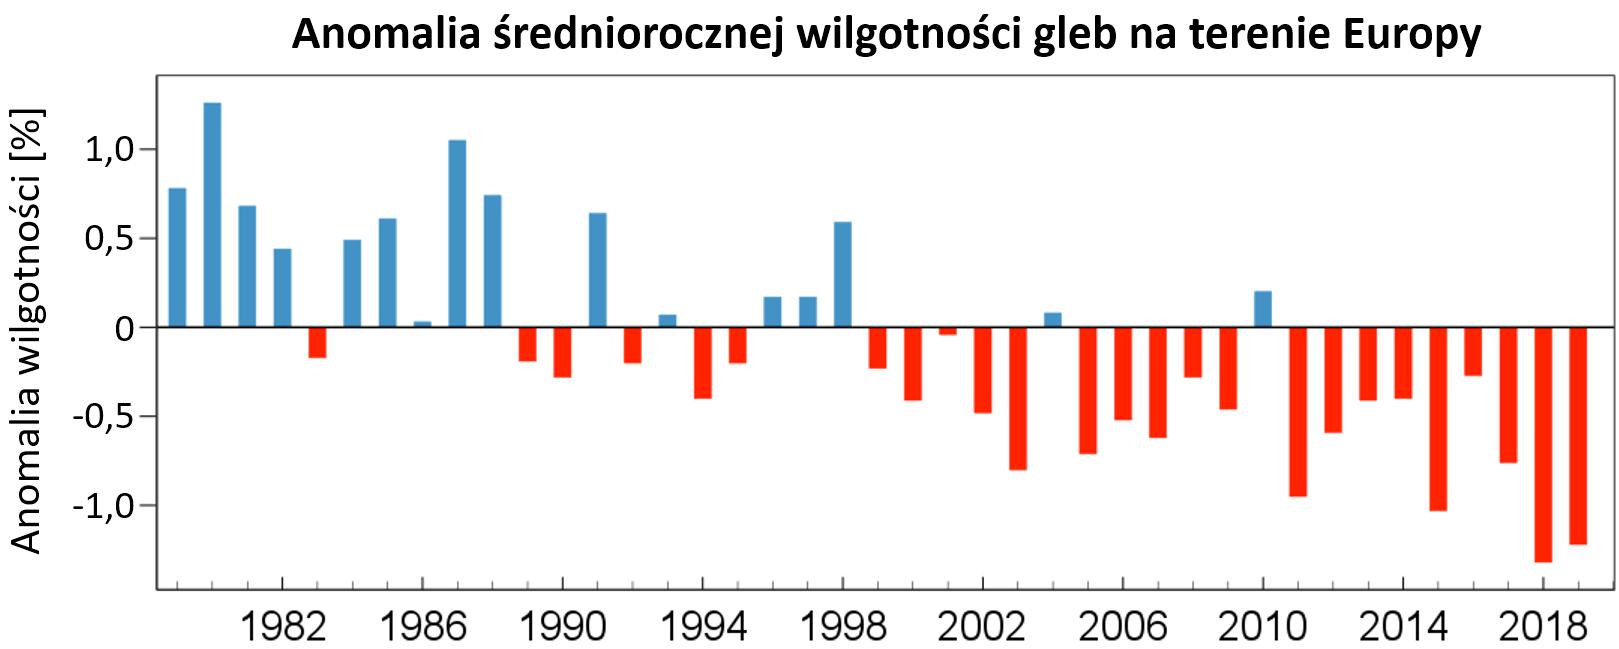 Anomalia wilgotności: wykres słupkowy, widoczny wyraźny trend spadkowy.